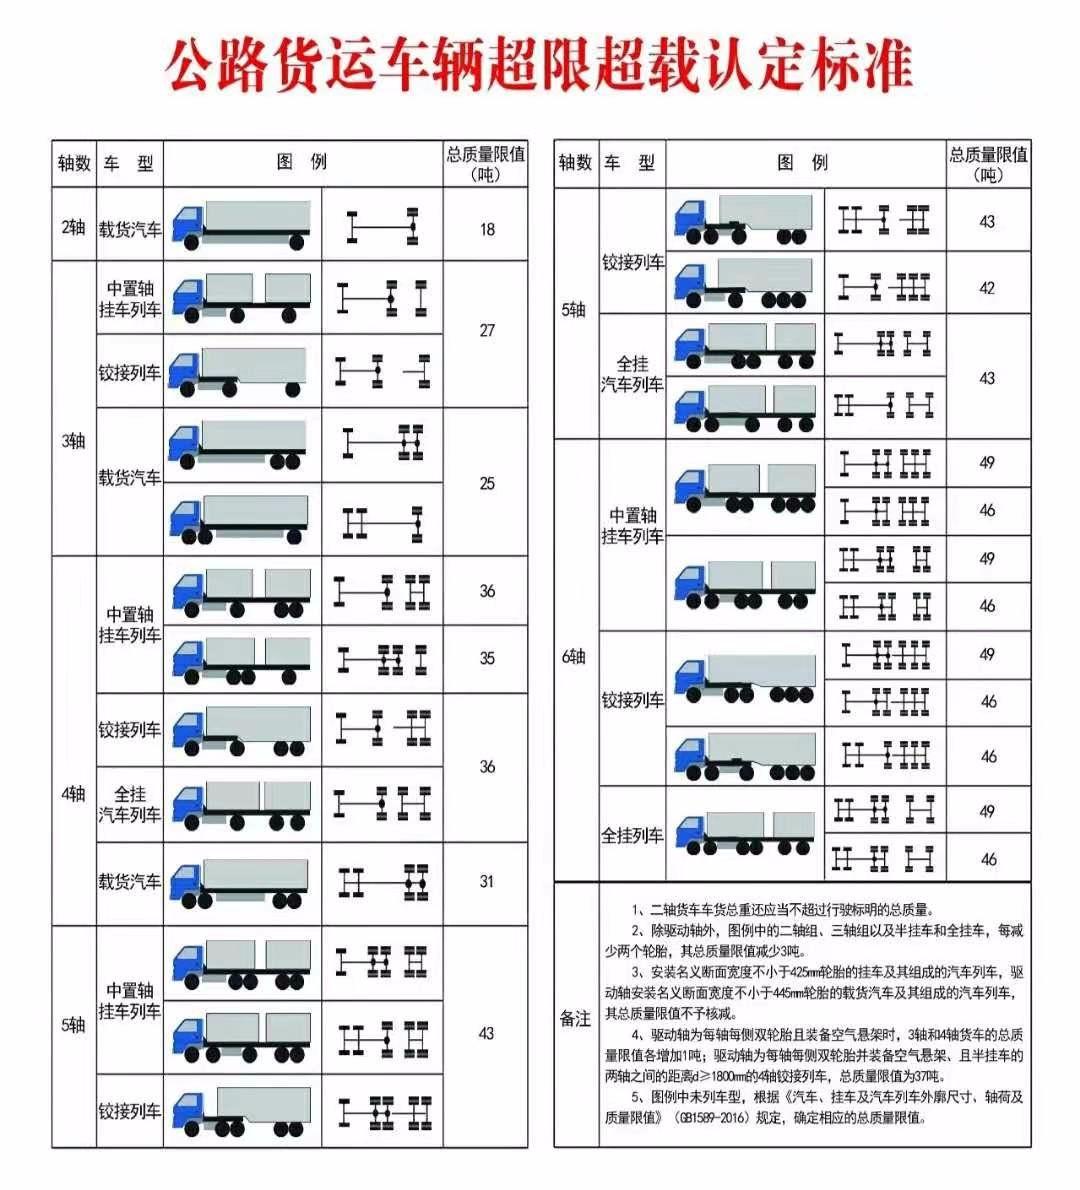 12月16日起,河北高速公路所有收费站执行入口称重检测